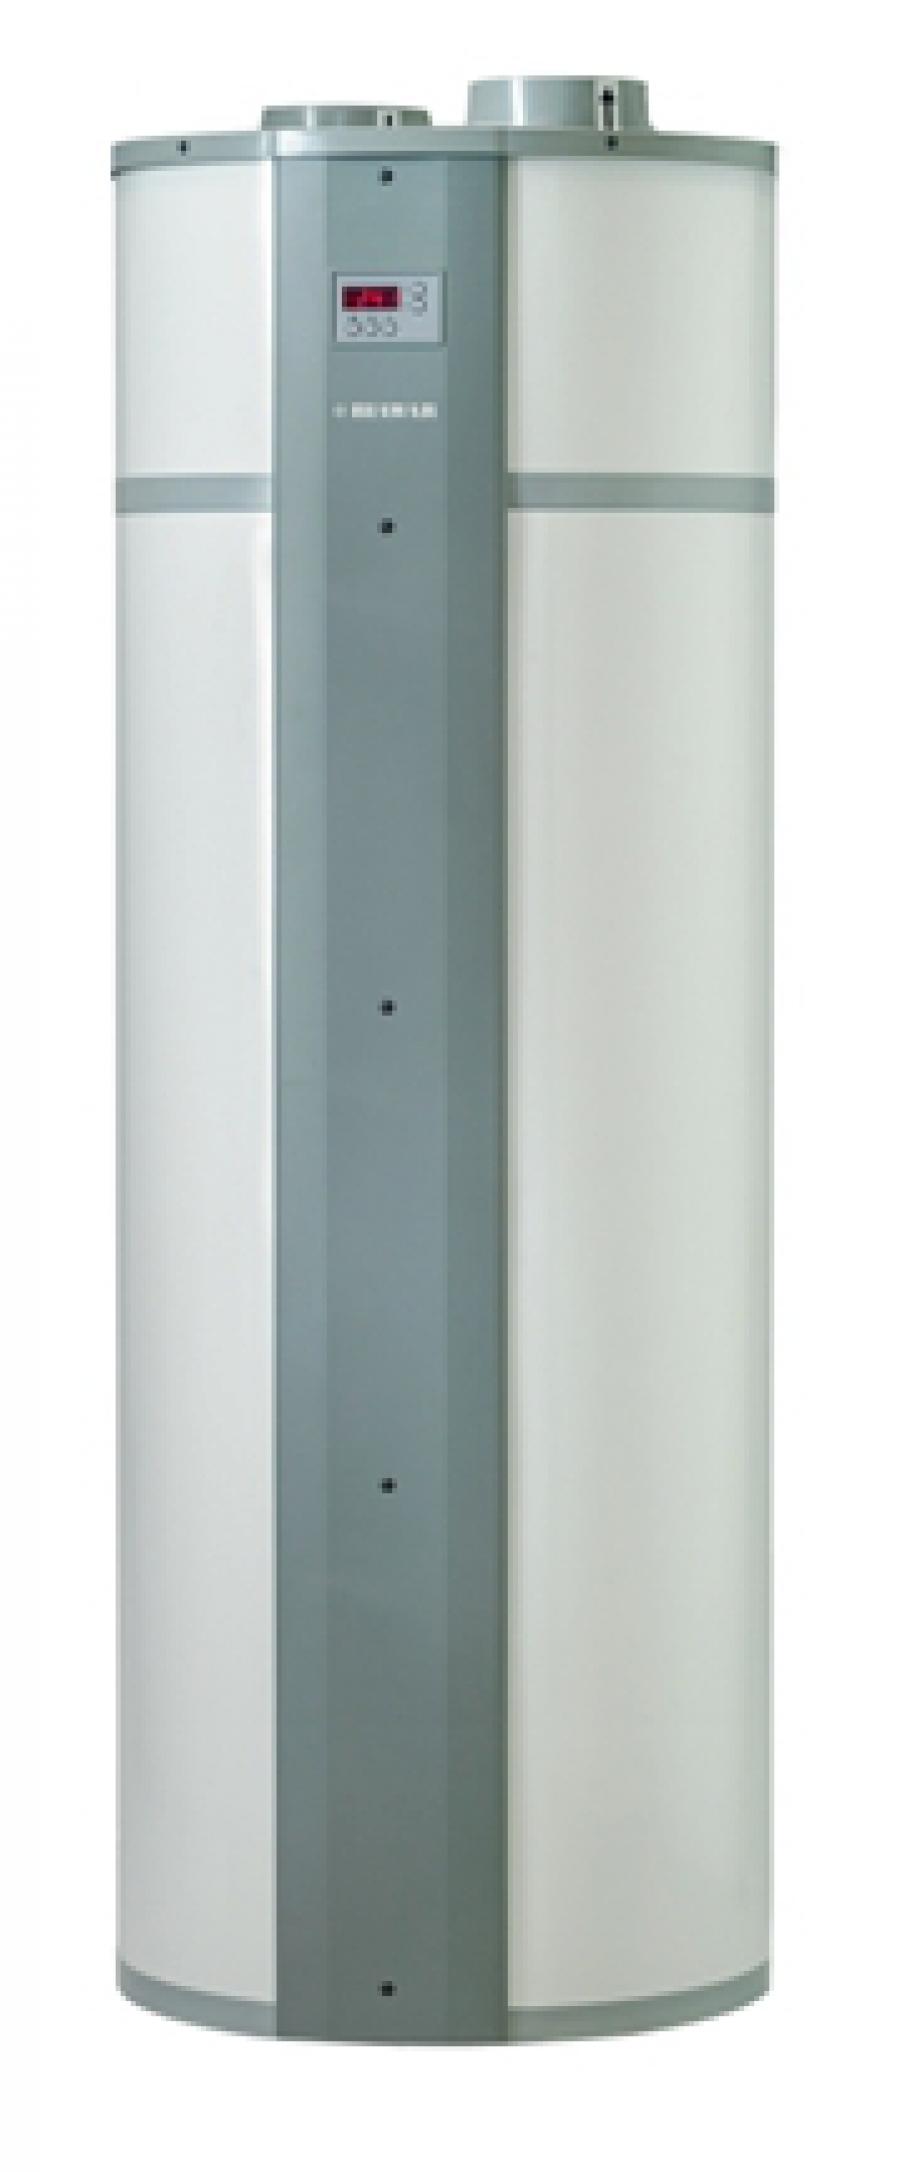 OW-PC 270.1R